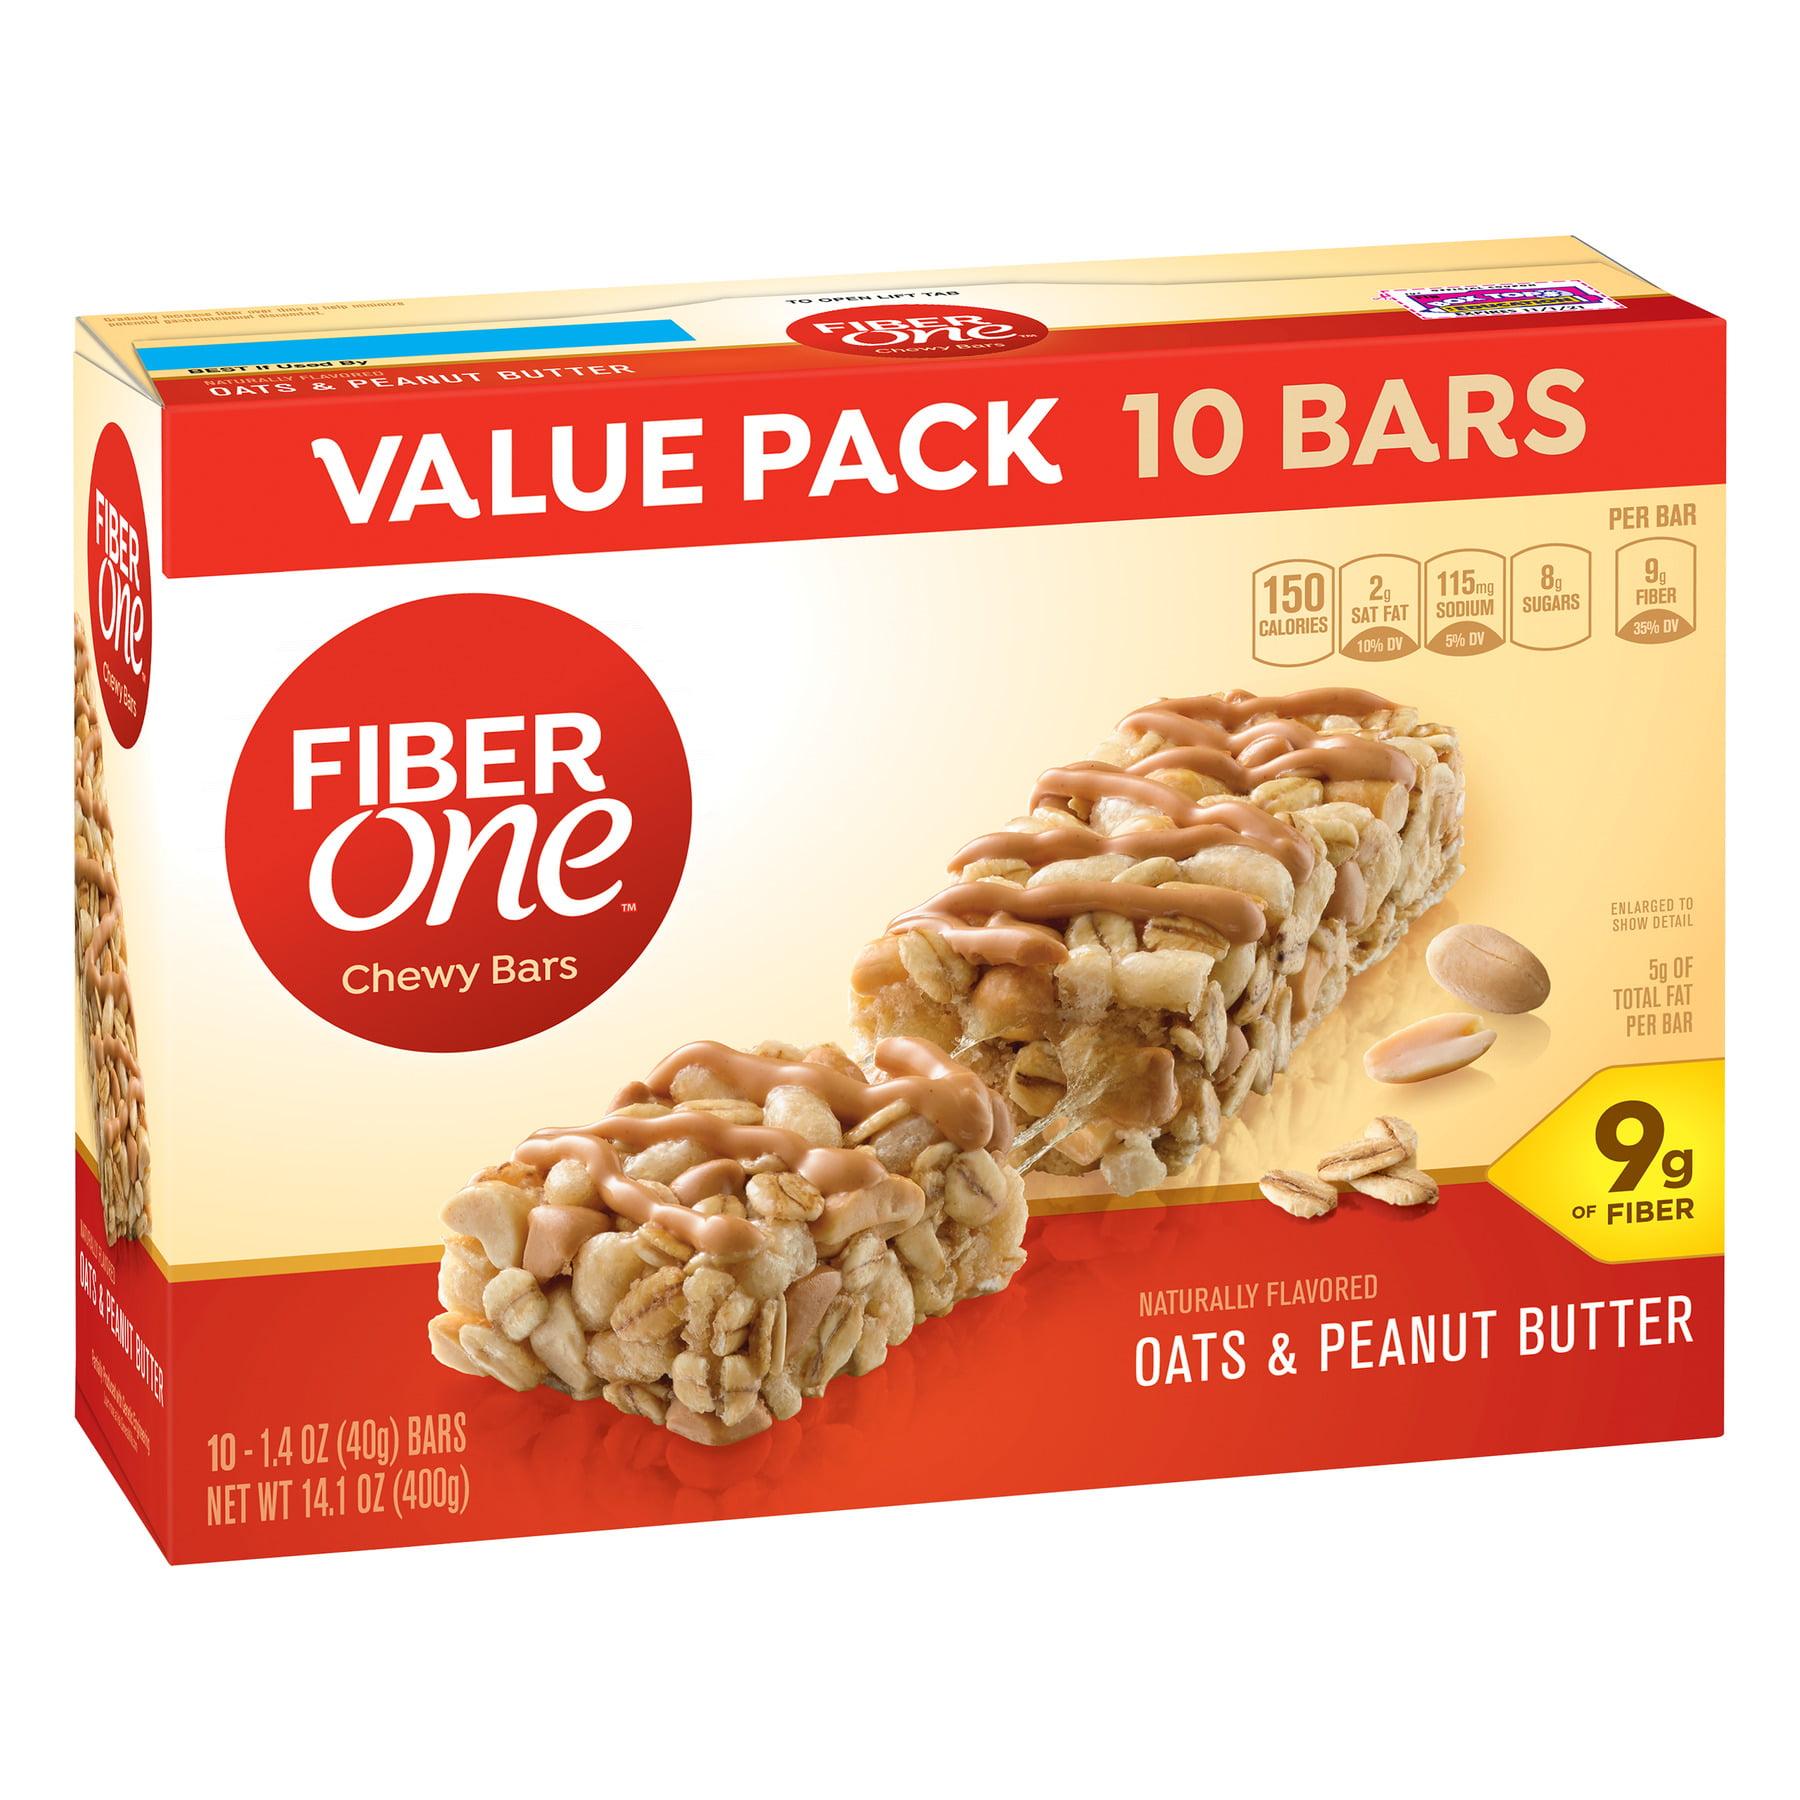 Fiber One Chewy Bar Oats & Peanut Butter 10 Fiber Bars 14.1 oz